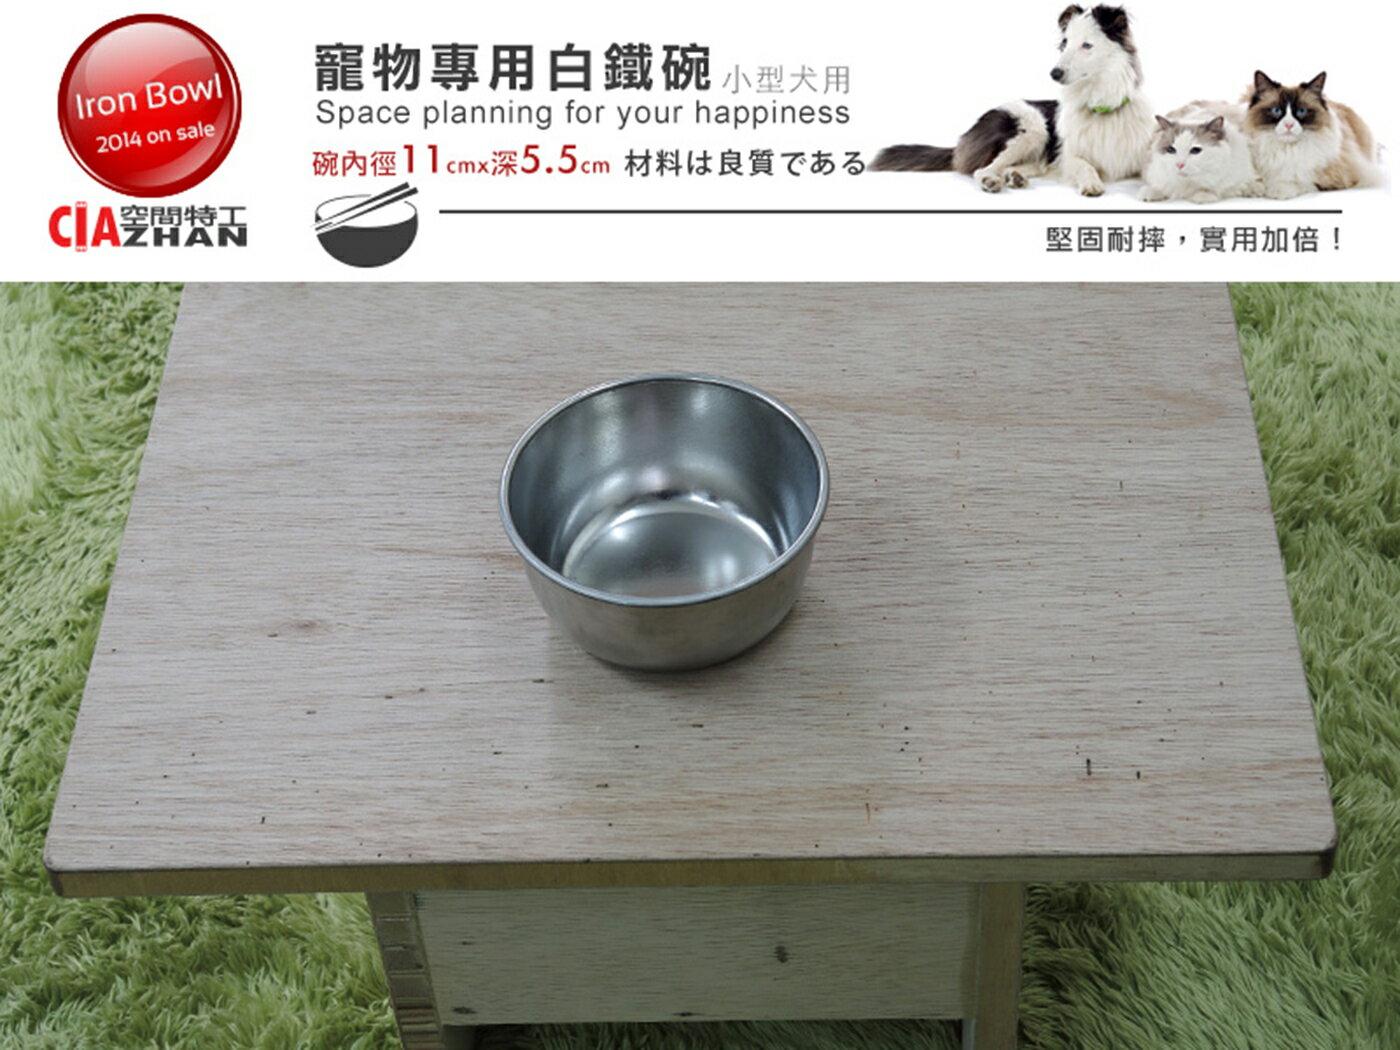 飼料碗 圓碗 貓碗 餵食器 進食碗 食盆 3號不鏽鋼碗盆 全新 小型犬白鐵狗碗 不銹鋼單口碗 耐用好清洗 ?空間特工?